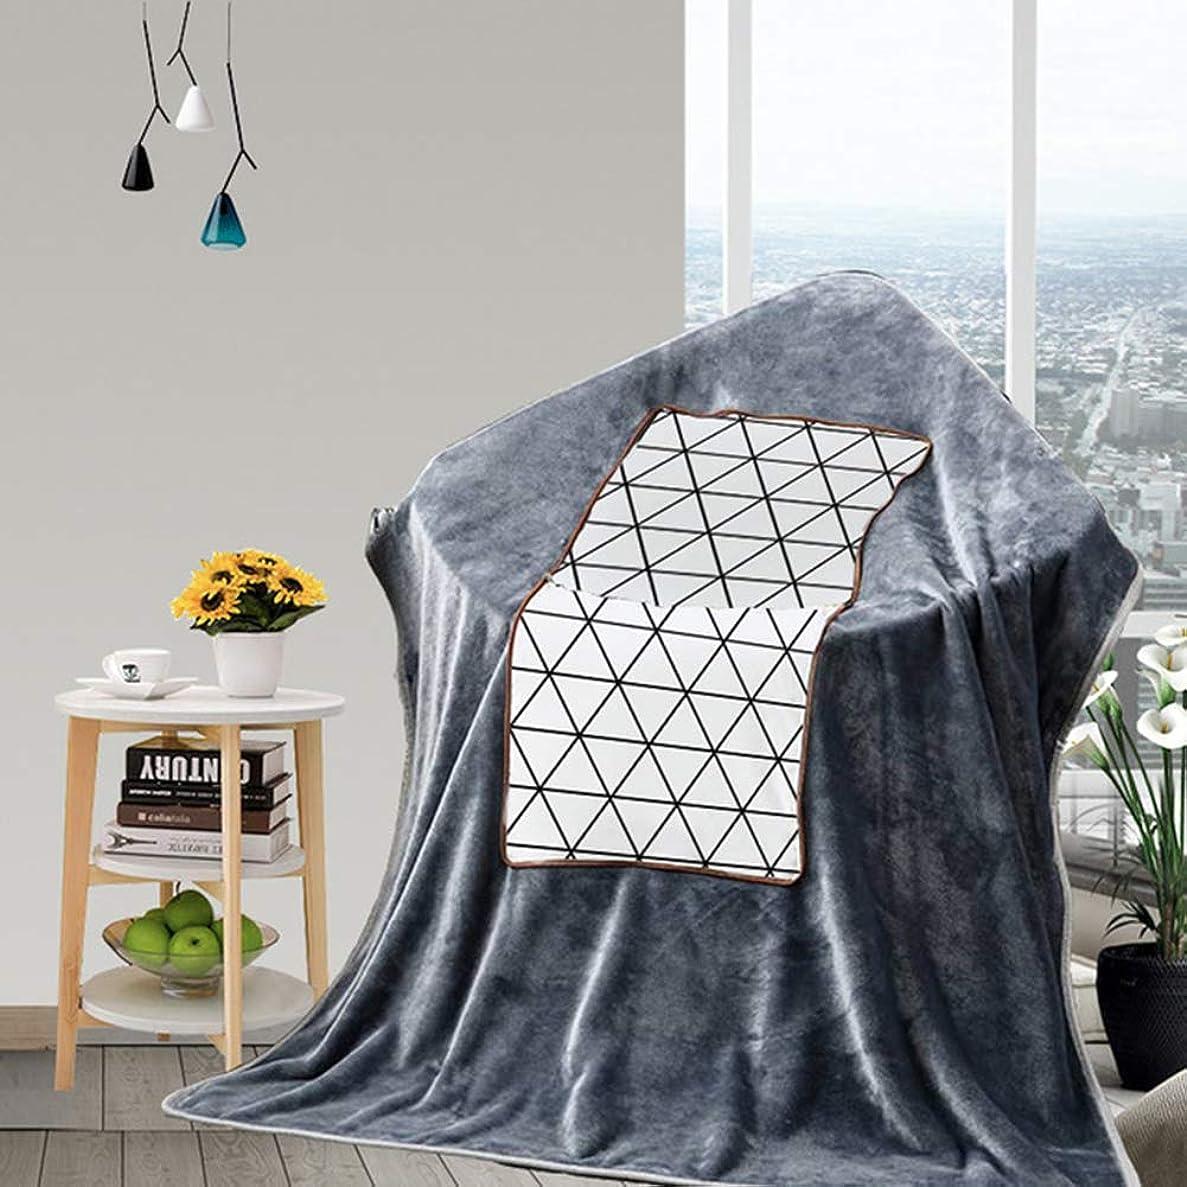 ドール動員する朝食を食べる飛行機の列車と車/首と腰部のサポートのための枕ブランケット2 in 1、ソファ枕/装飾クッション(毛布に変形可能),白